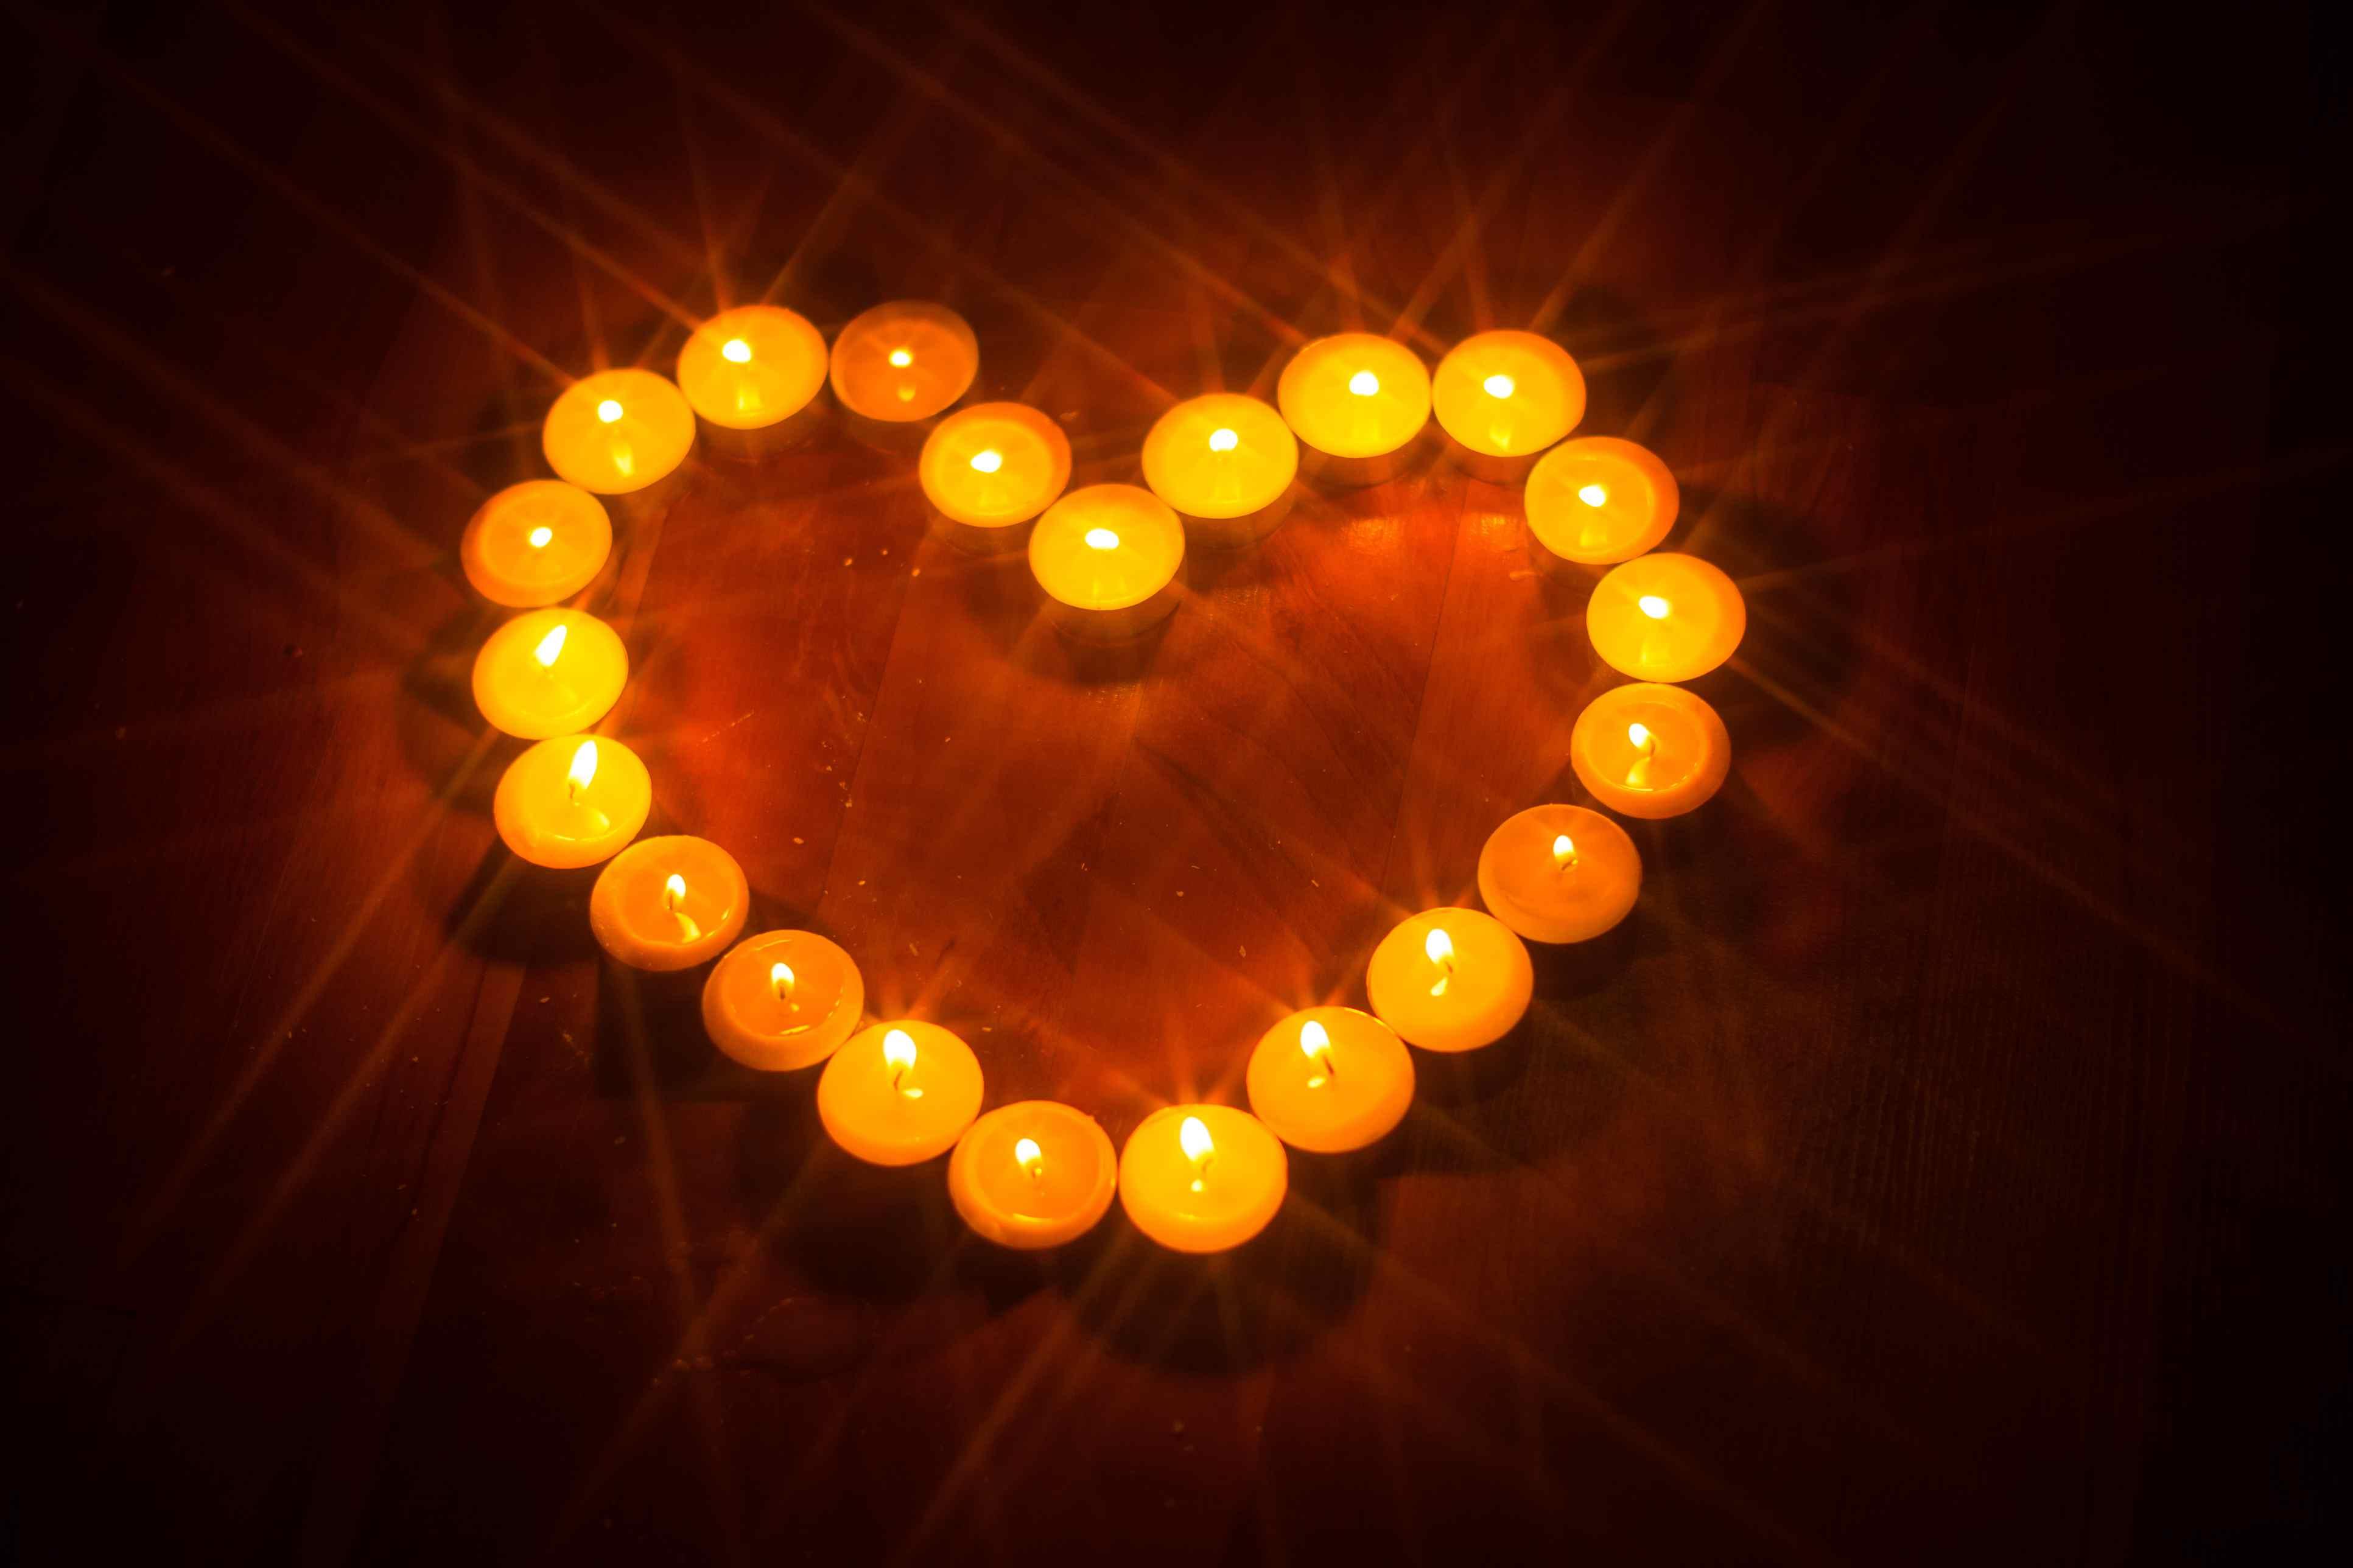 Quemar una vela naranja.